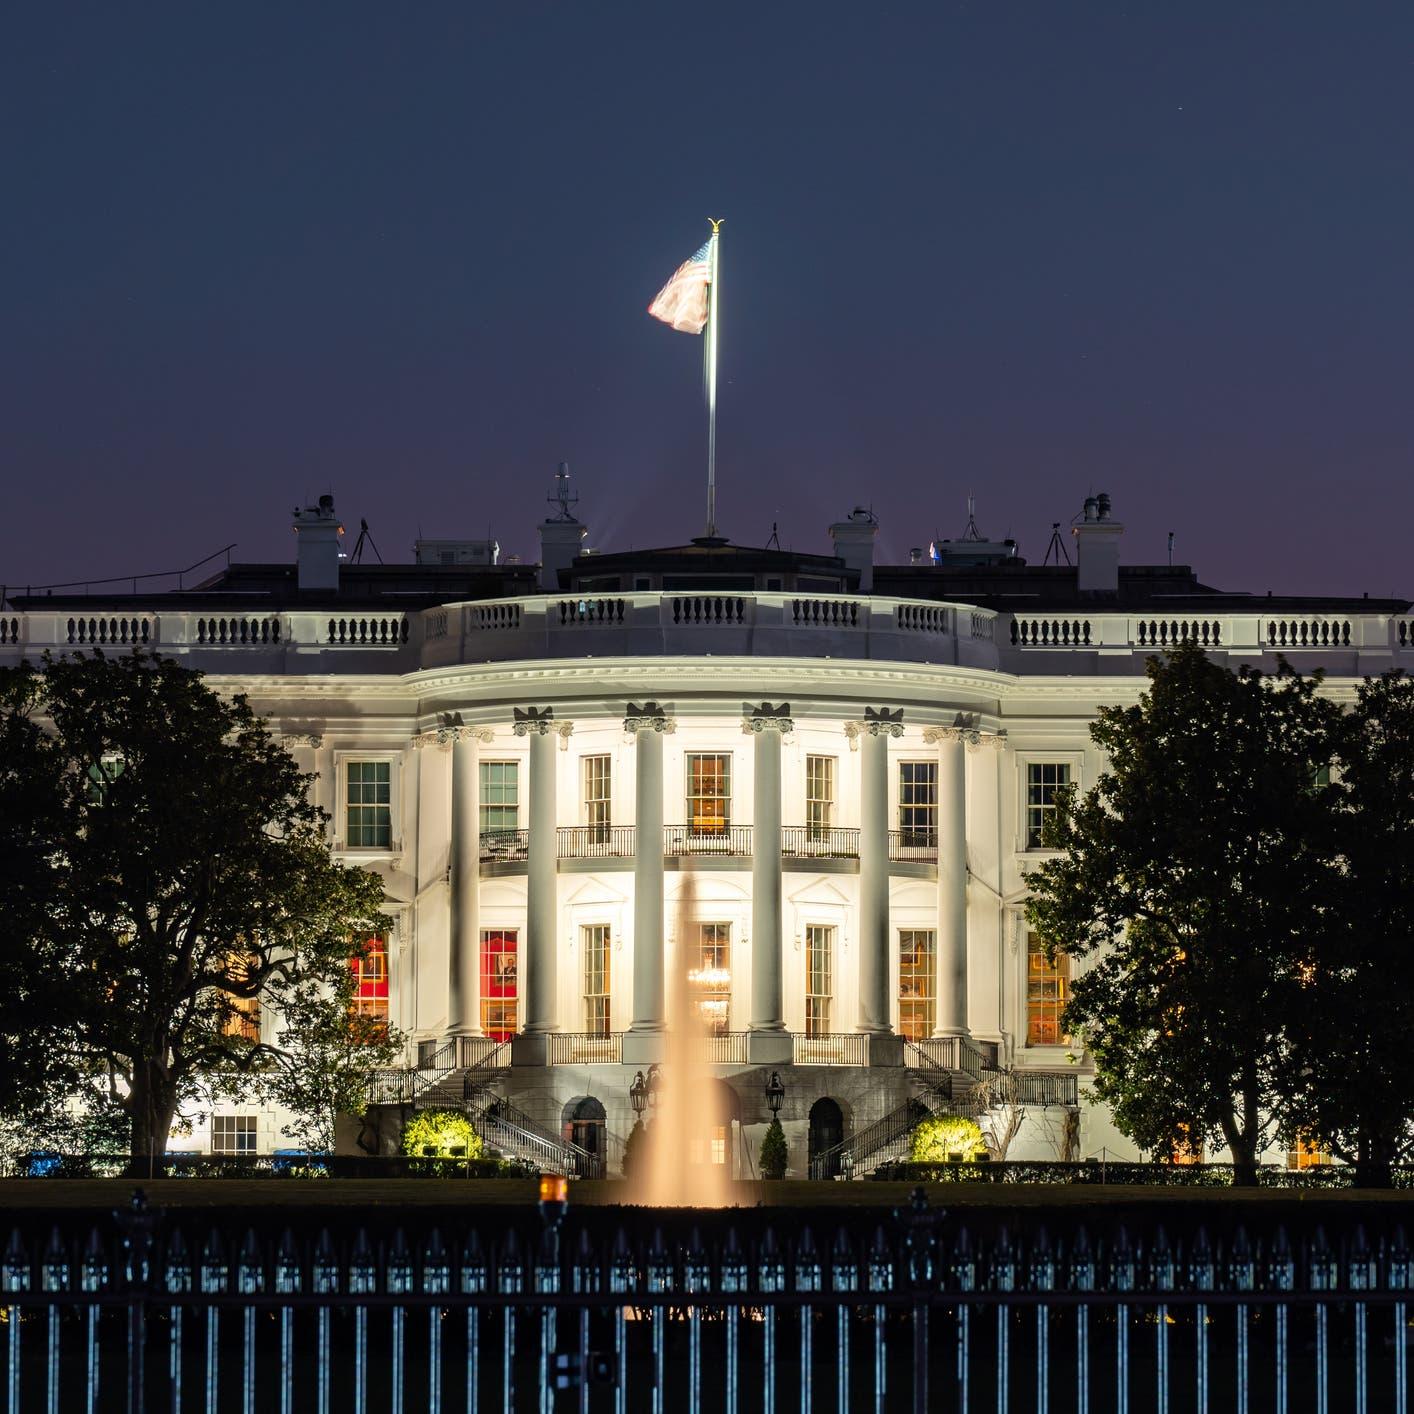 بلاك ستون: اقتصاد أميركا يفقد 5 تريليونات دولار في 2020